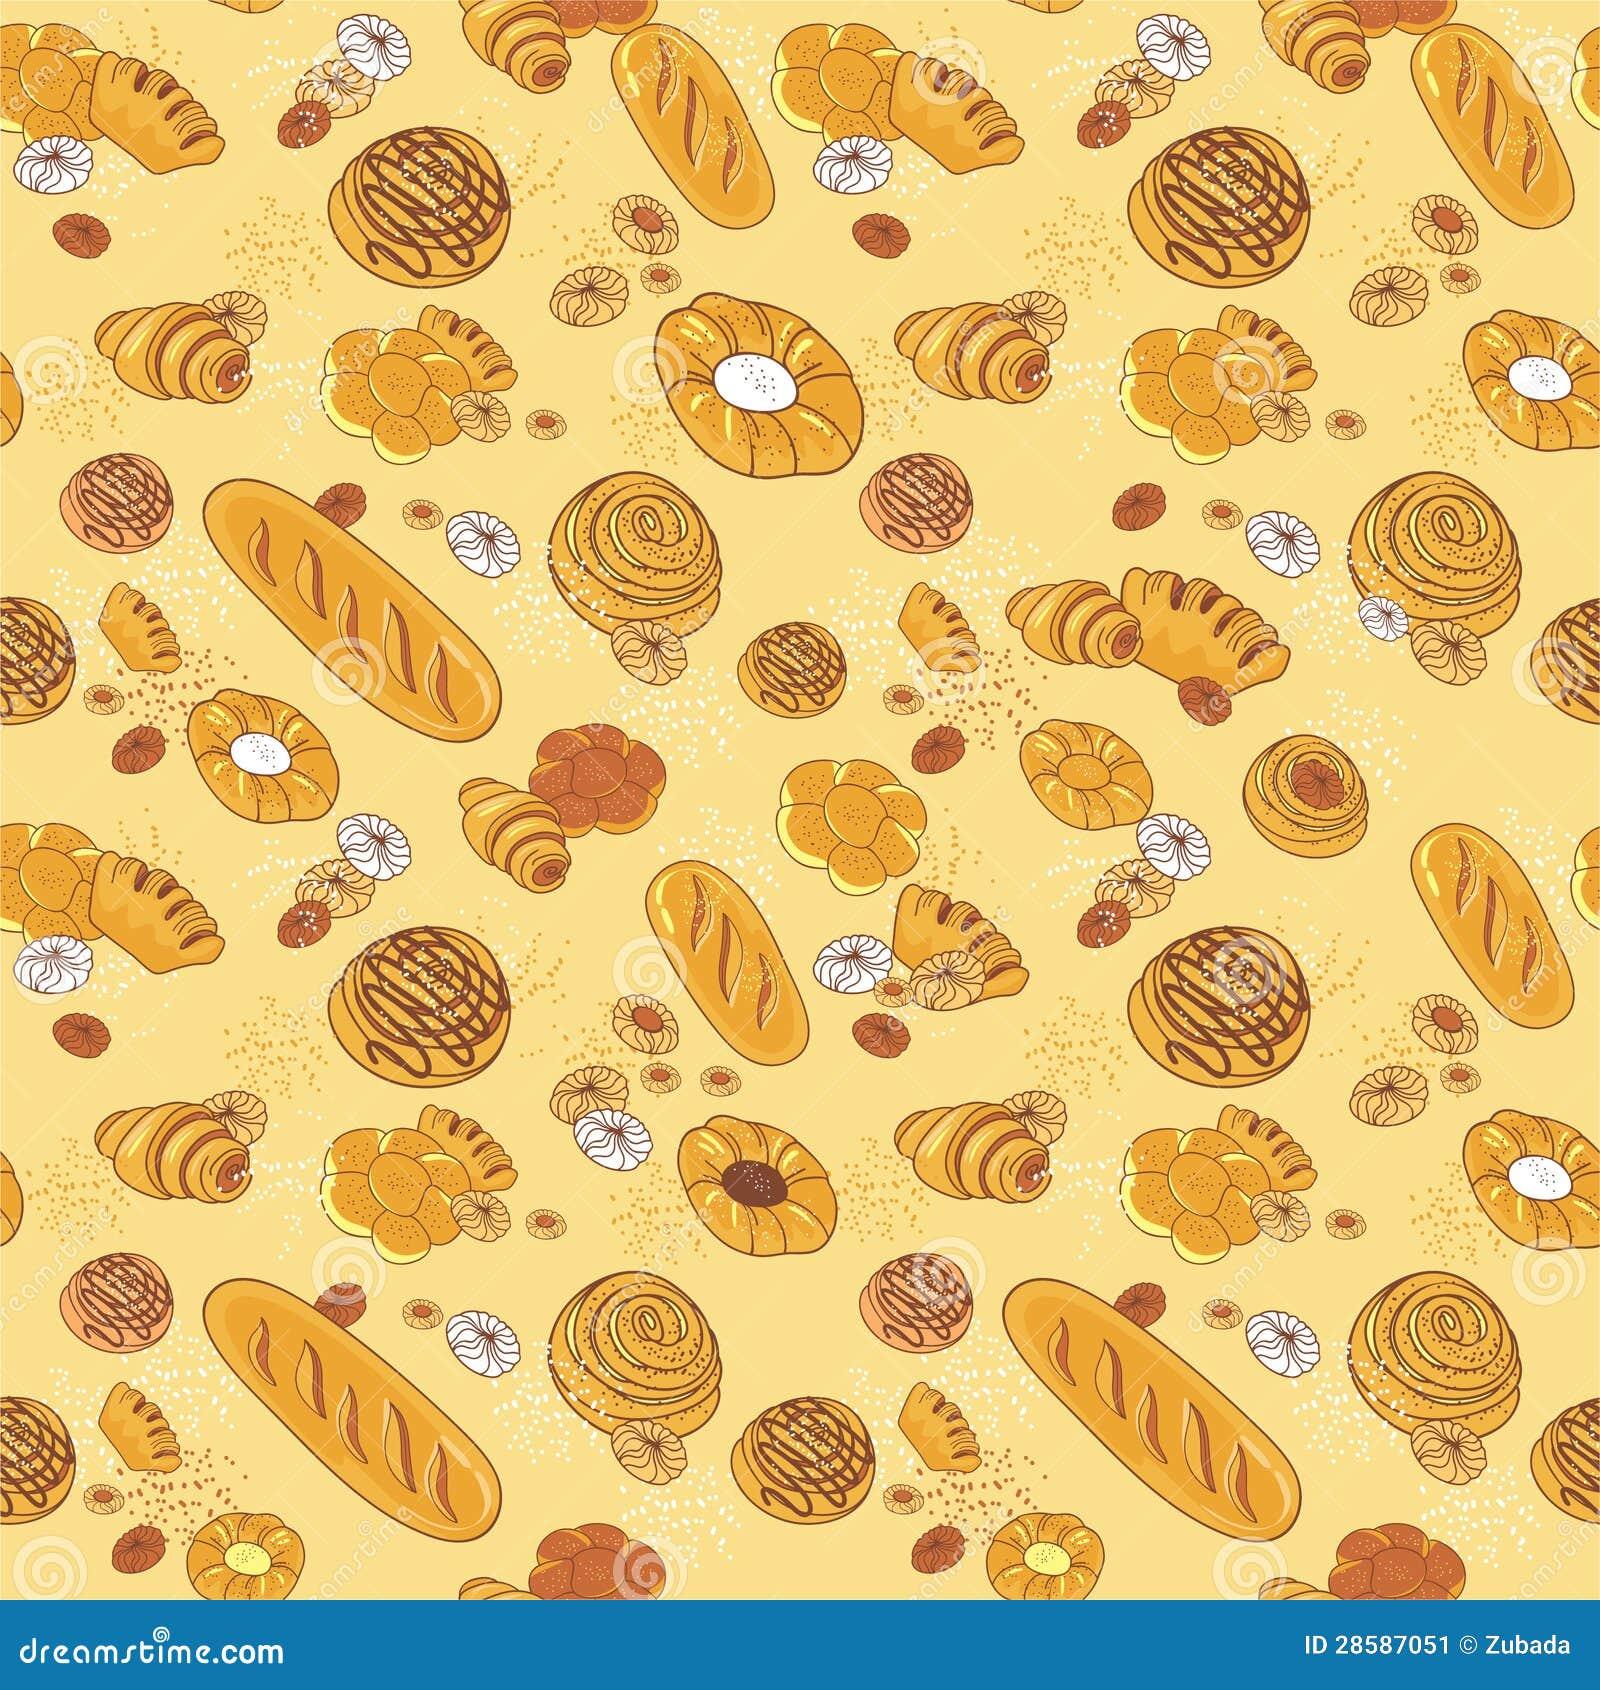 Bakery Background Stock Image Image 28587051